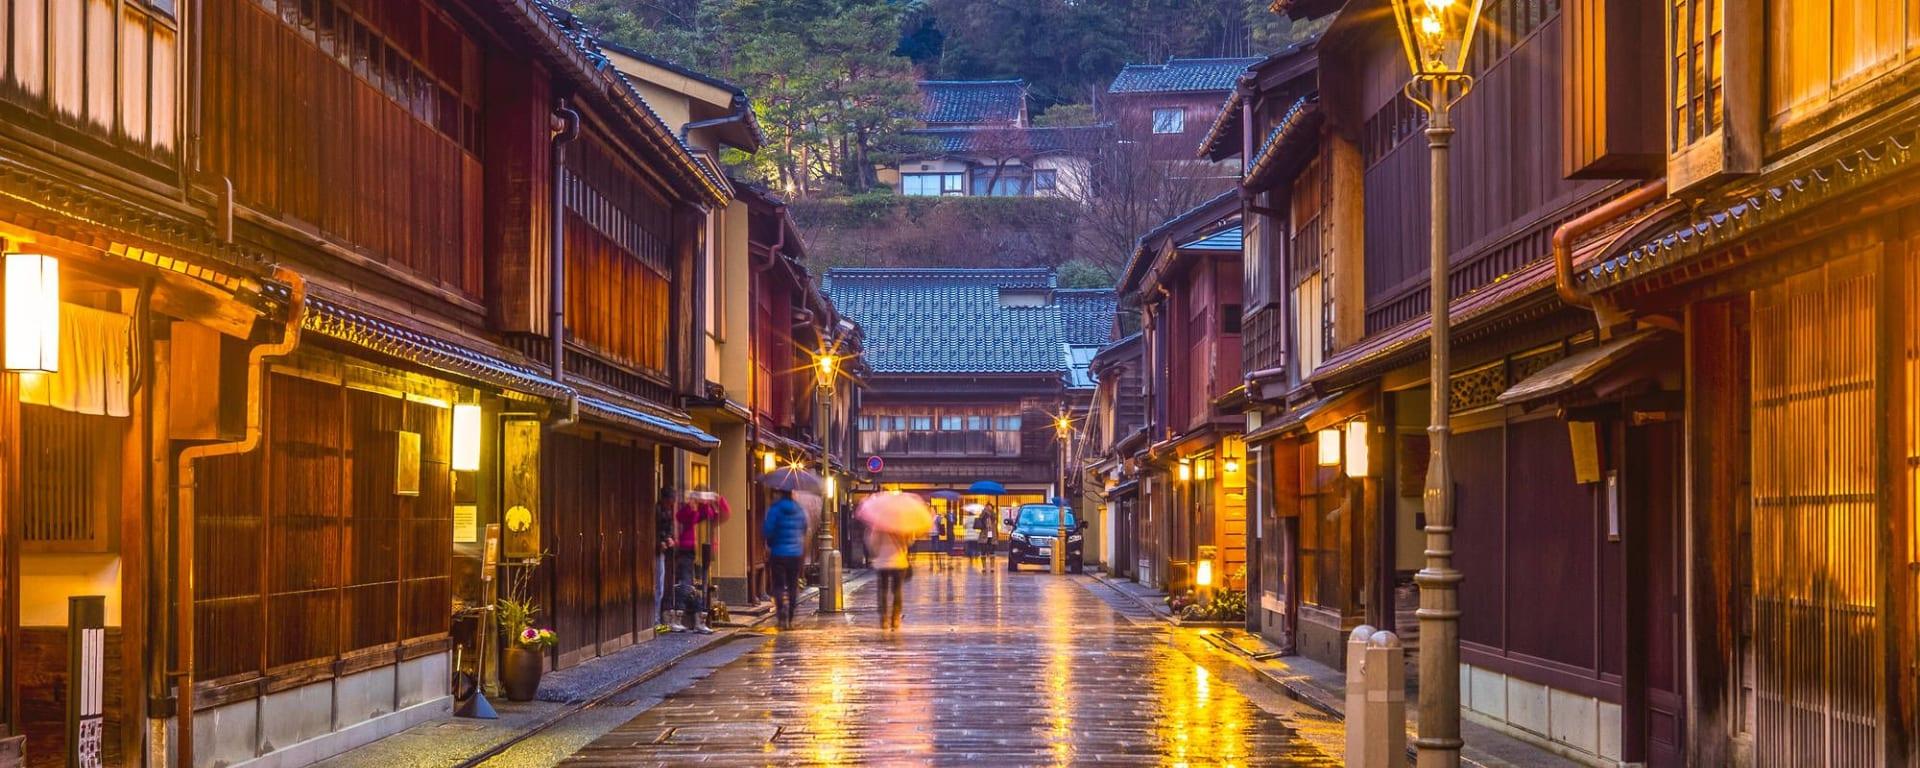 Les hauts lieux du Japon avec prolongation de Tokyo: Kanazawa Higashi Chaya District